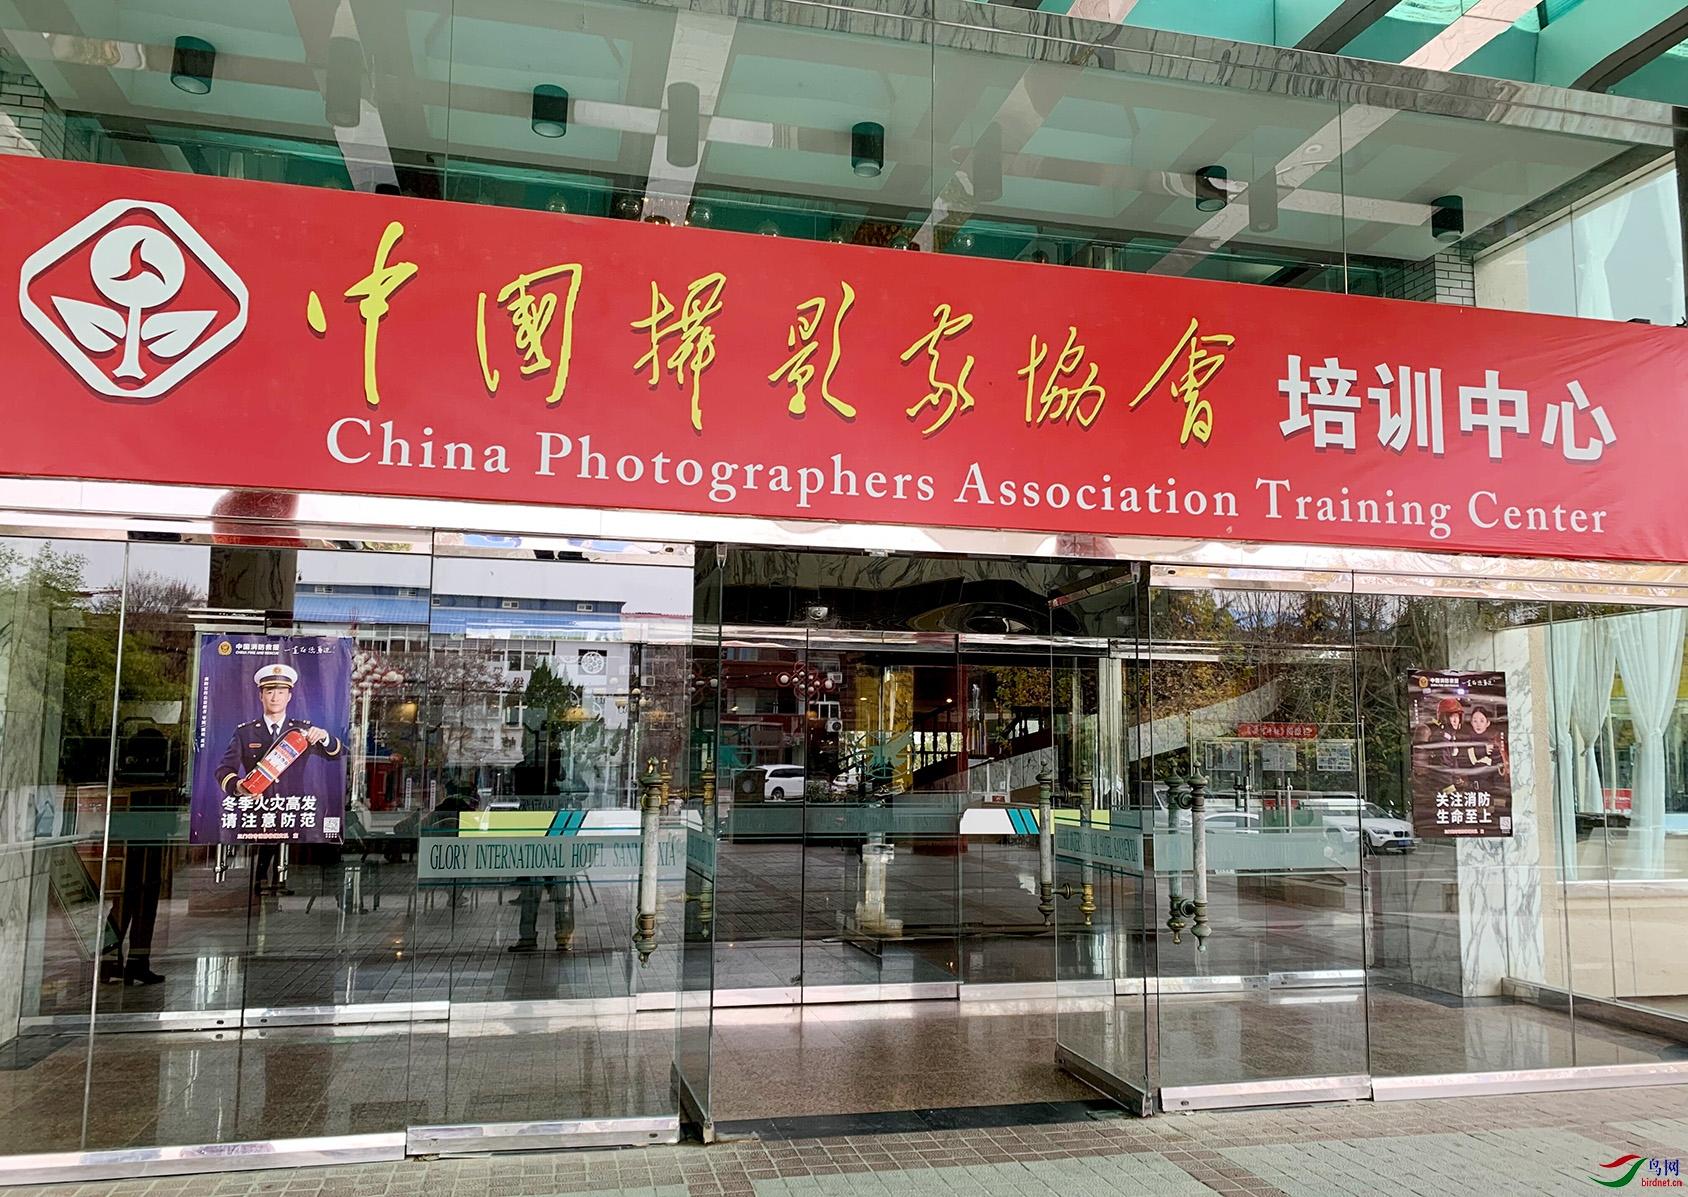 中国摄影家协会培训中心-.jpg